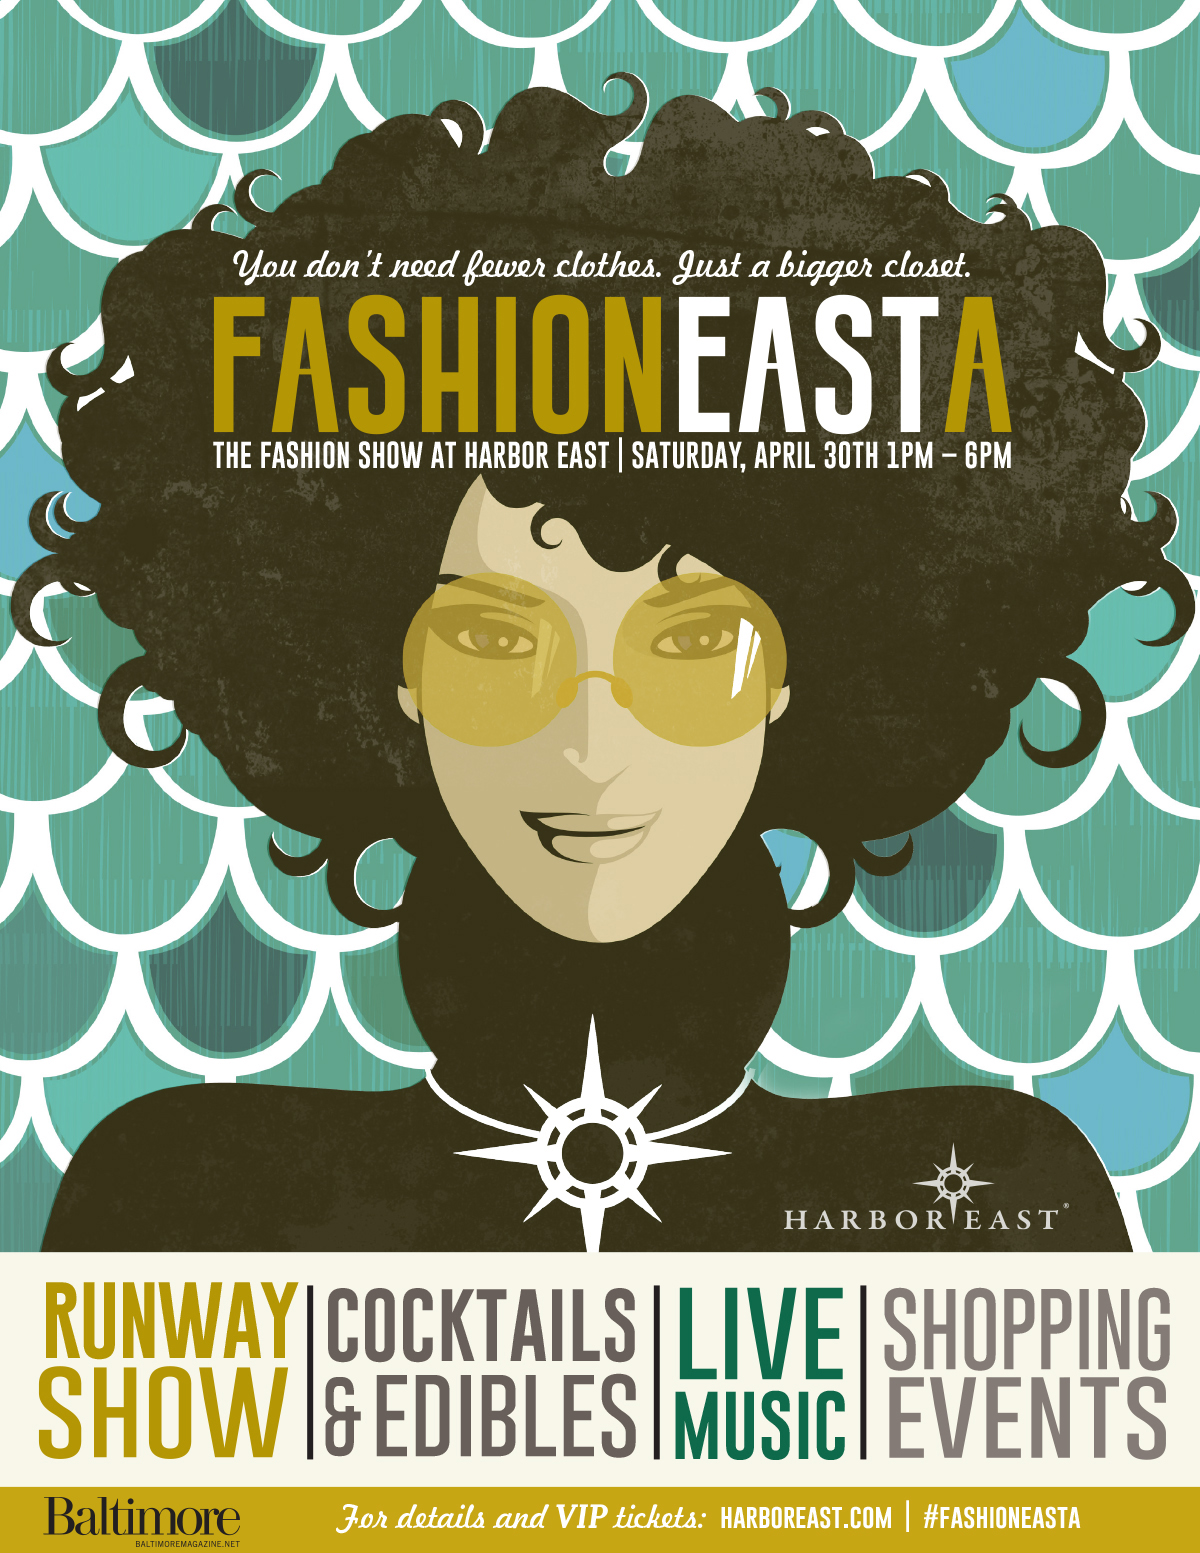 FashionEasta Baltimore